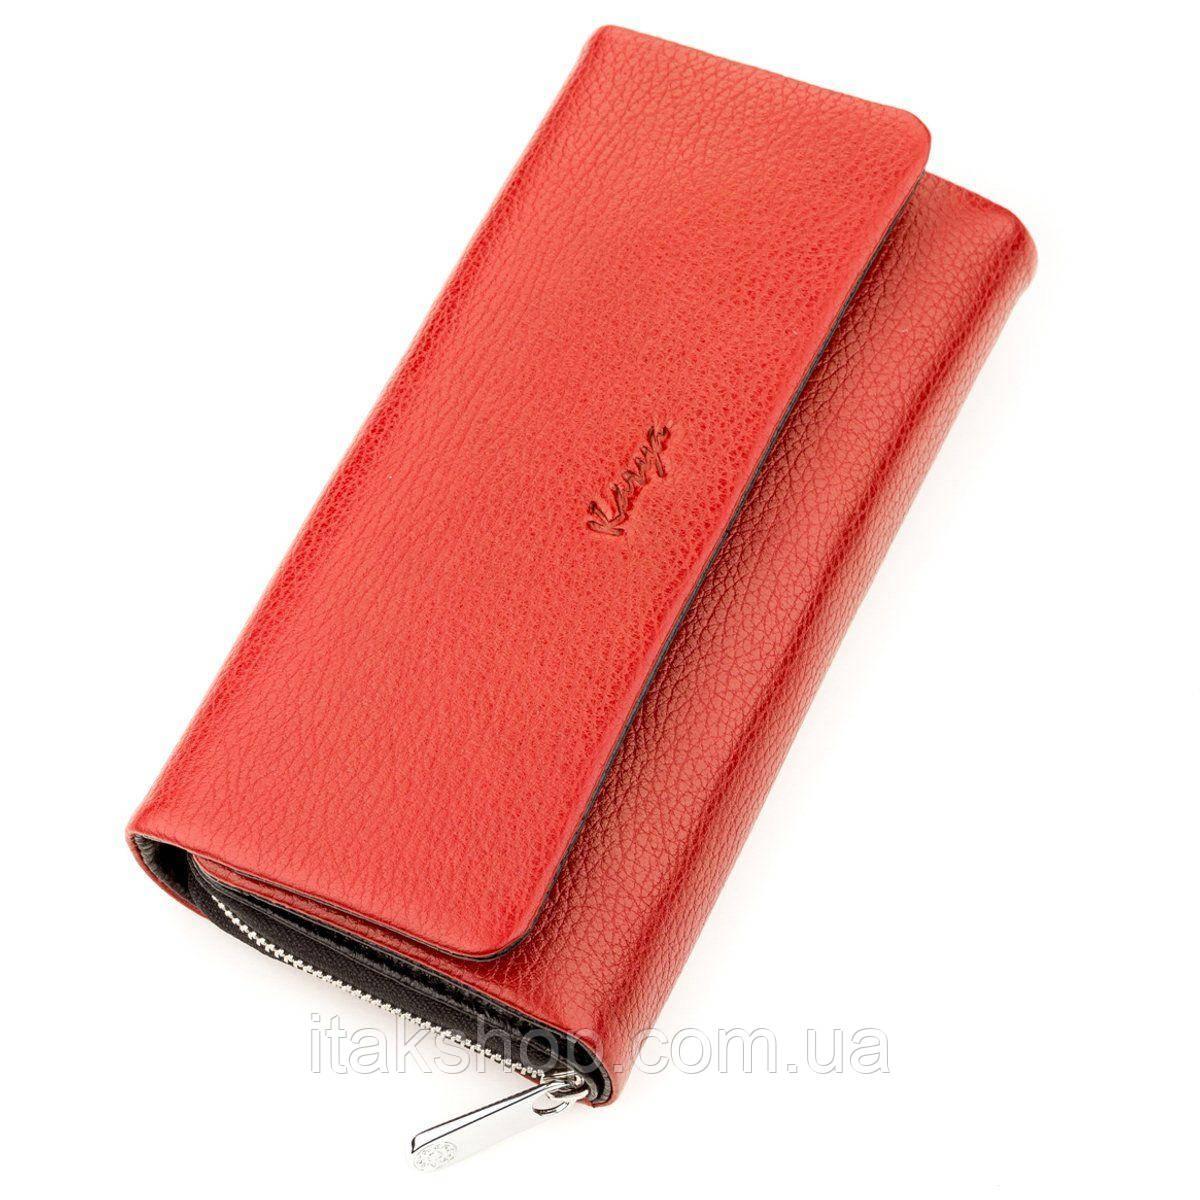 Кошелек женский KARYA 17249 кожаный Красный, Красный